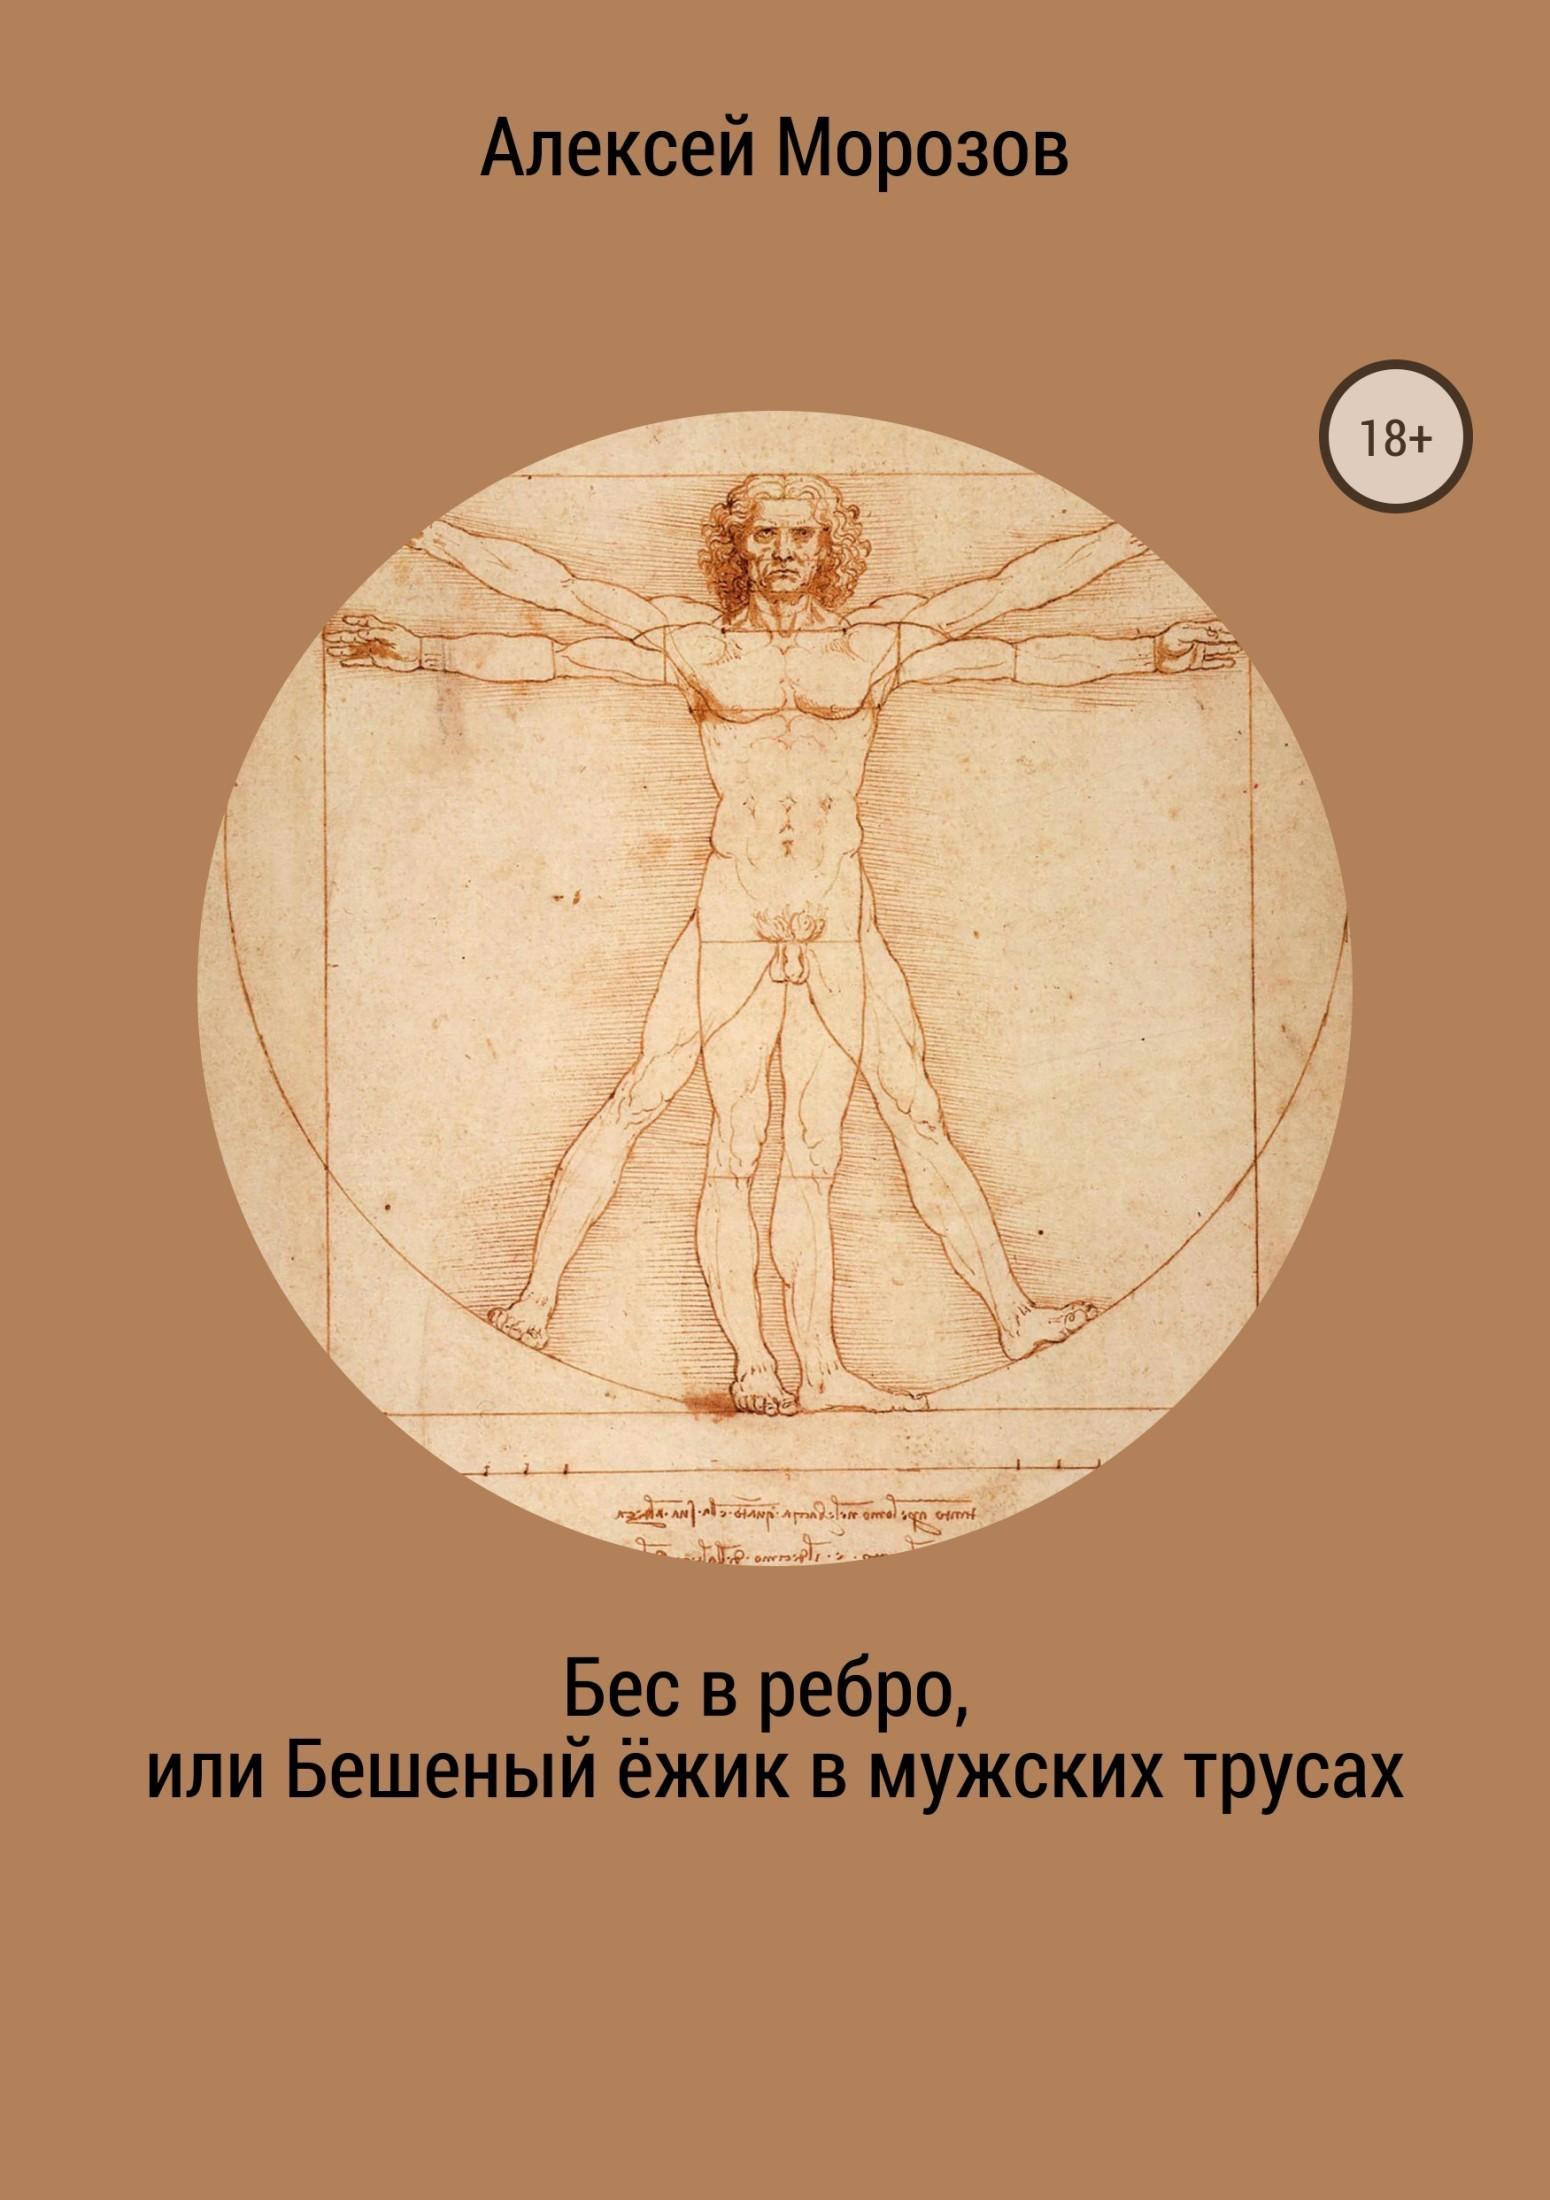 Алексей Петрович Морозов. Бес в ребро, или Бешеный ёжик в мужских трусах